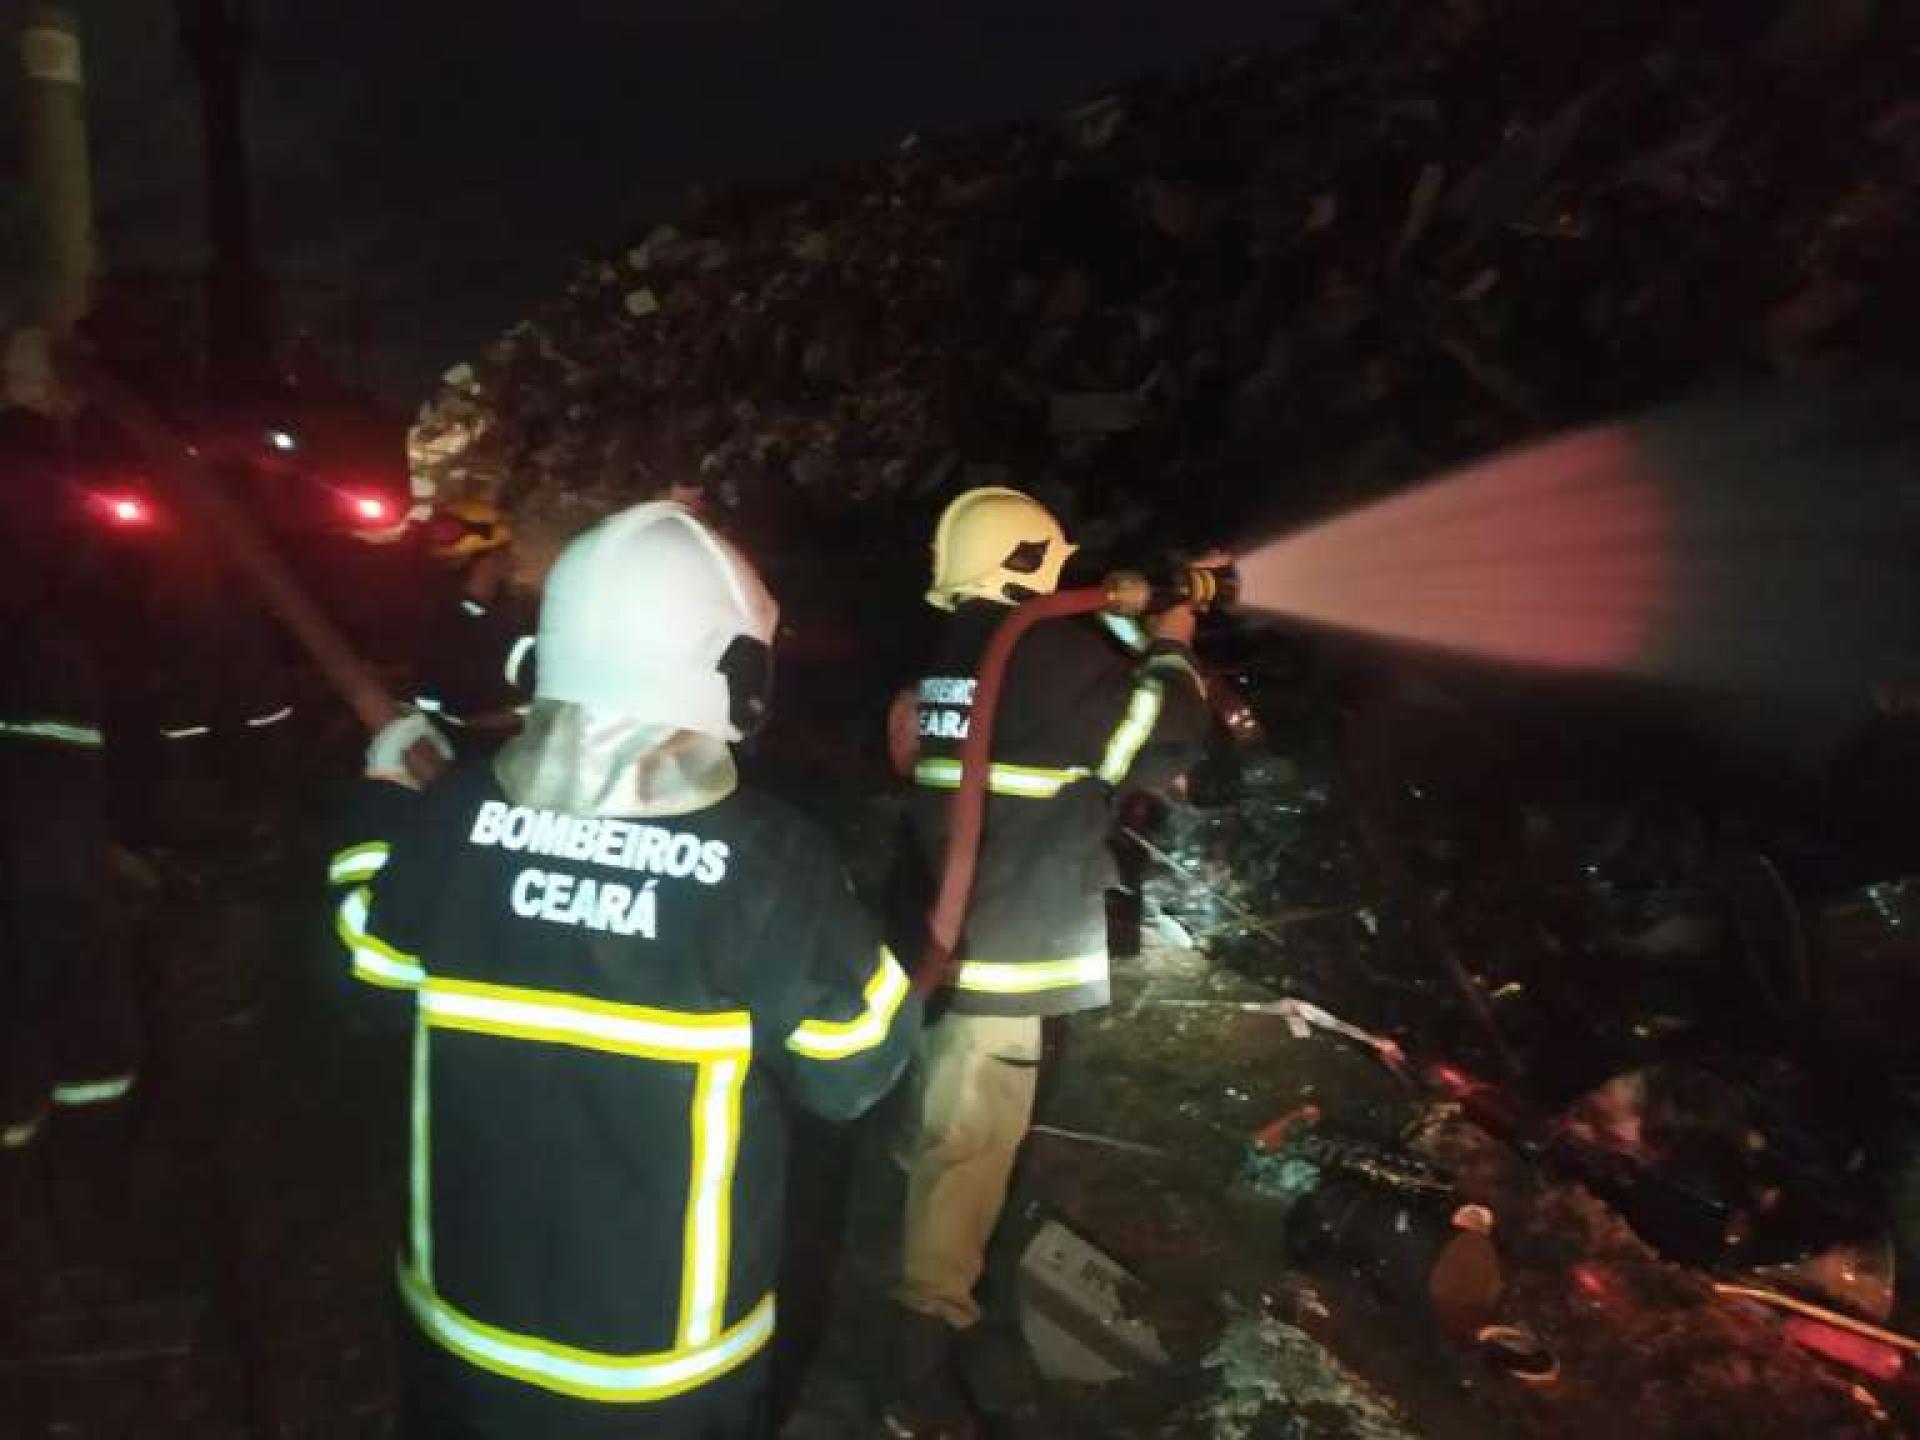 Em Maracanaú, o fogo atingiu uma sucata e começou em uma caçamba com restos de materiais industriais